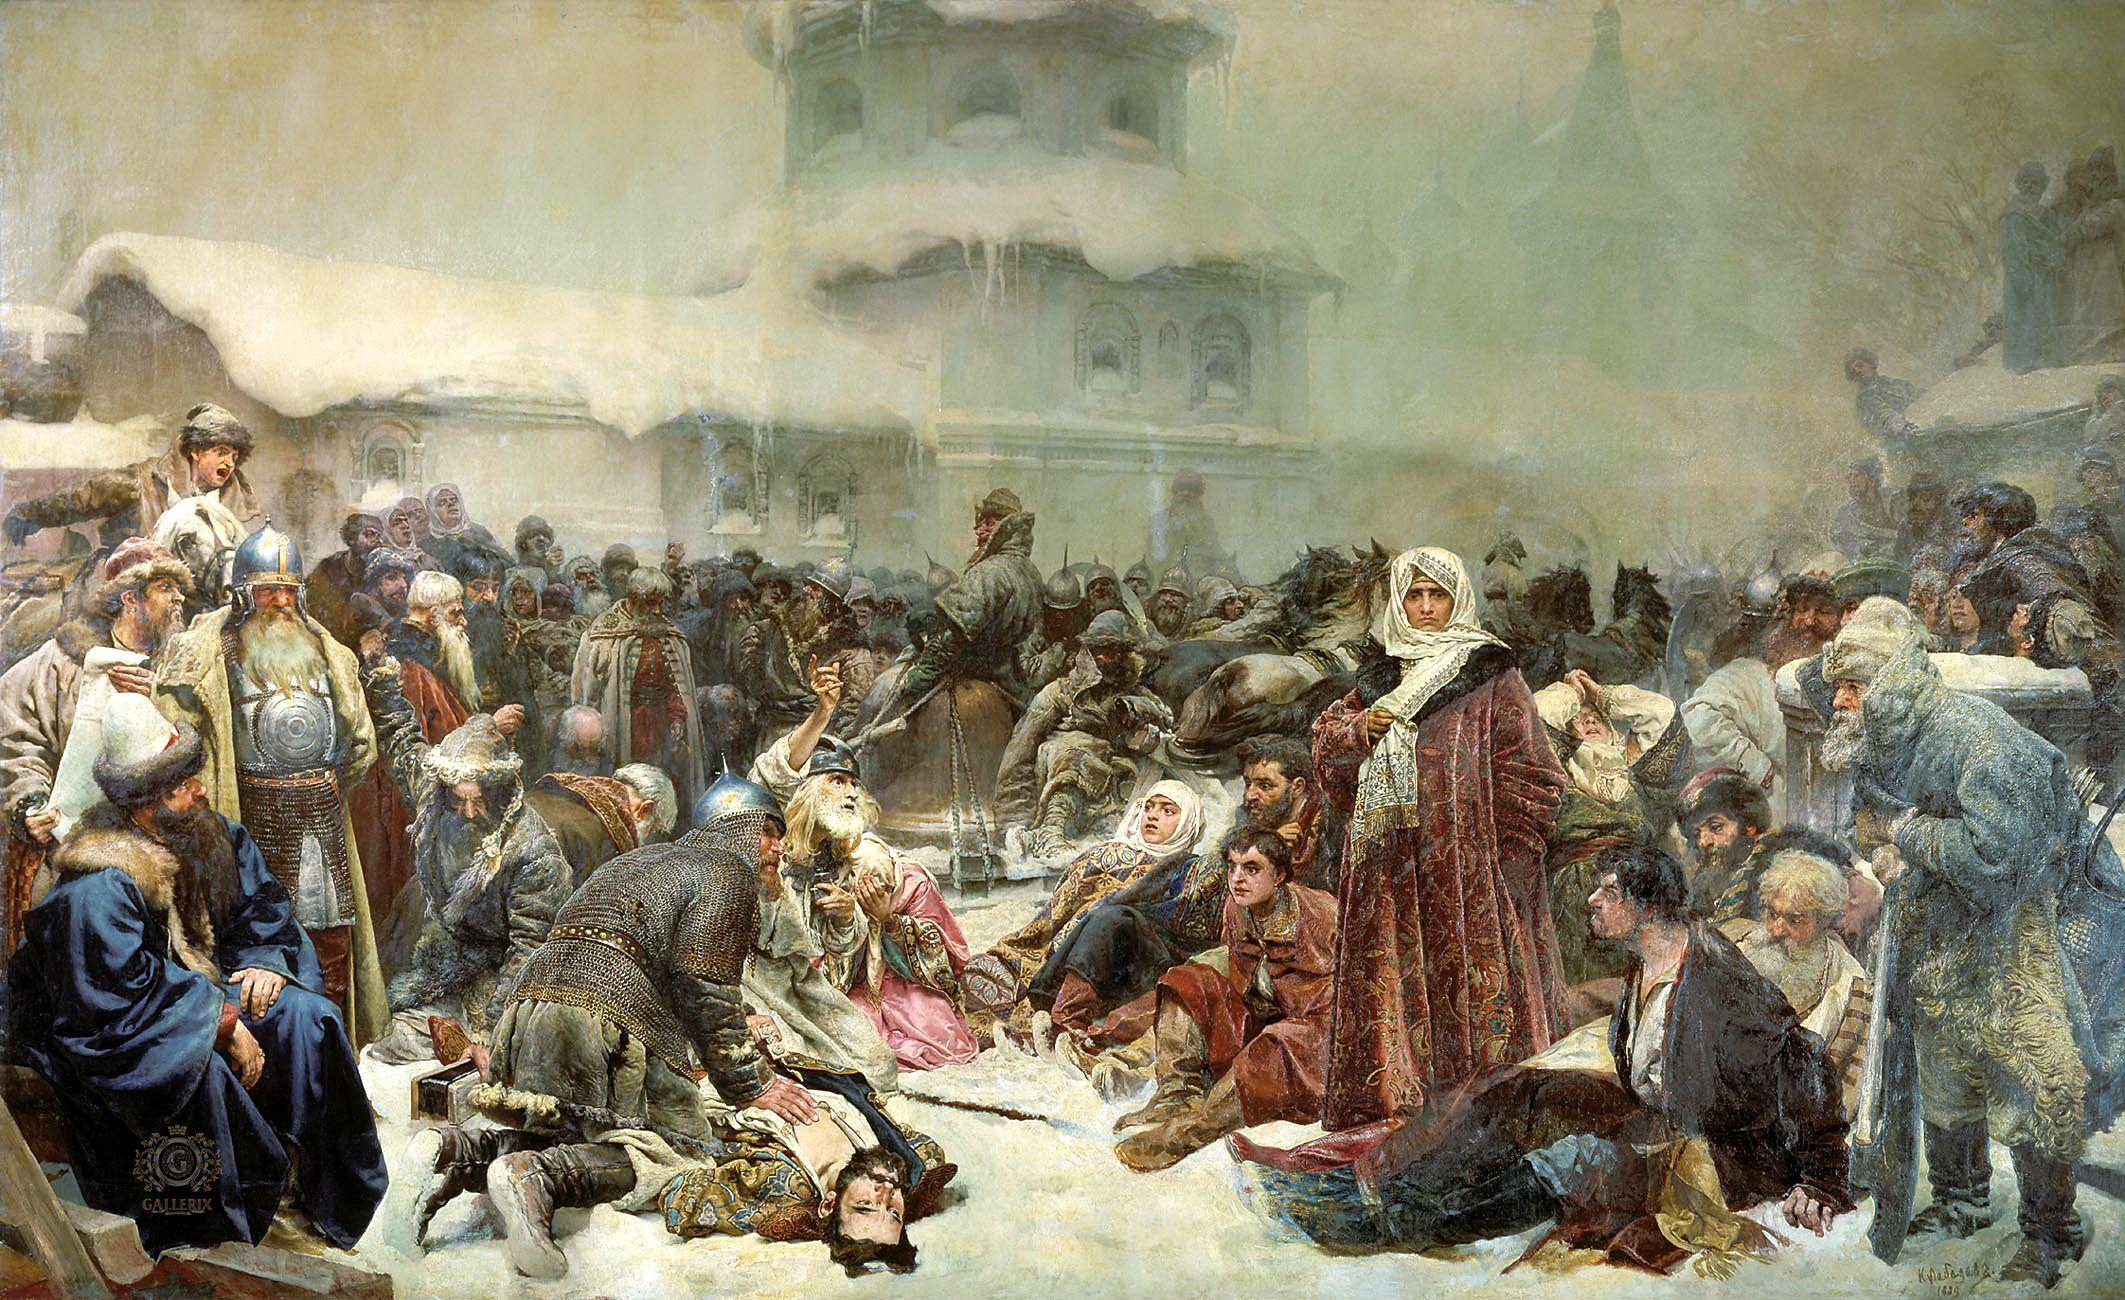 Massakern i Novgorod 1471 anses vara ett av de grymmaste och mest brutala anfallen på en civilbefolkning under Ivan den förskräckliges regeringstid och spädde säkert på den svenska rysskräcken. Målning av Klavdyi Lebedev, cirka 1900. Tretyakov gallery..